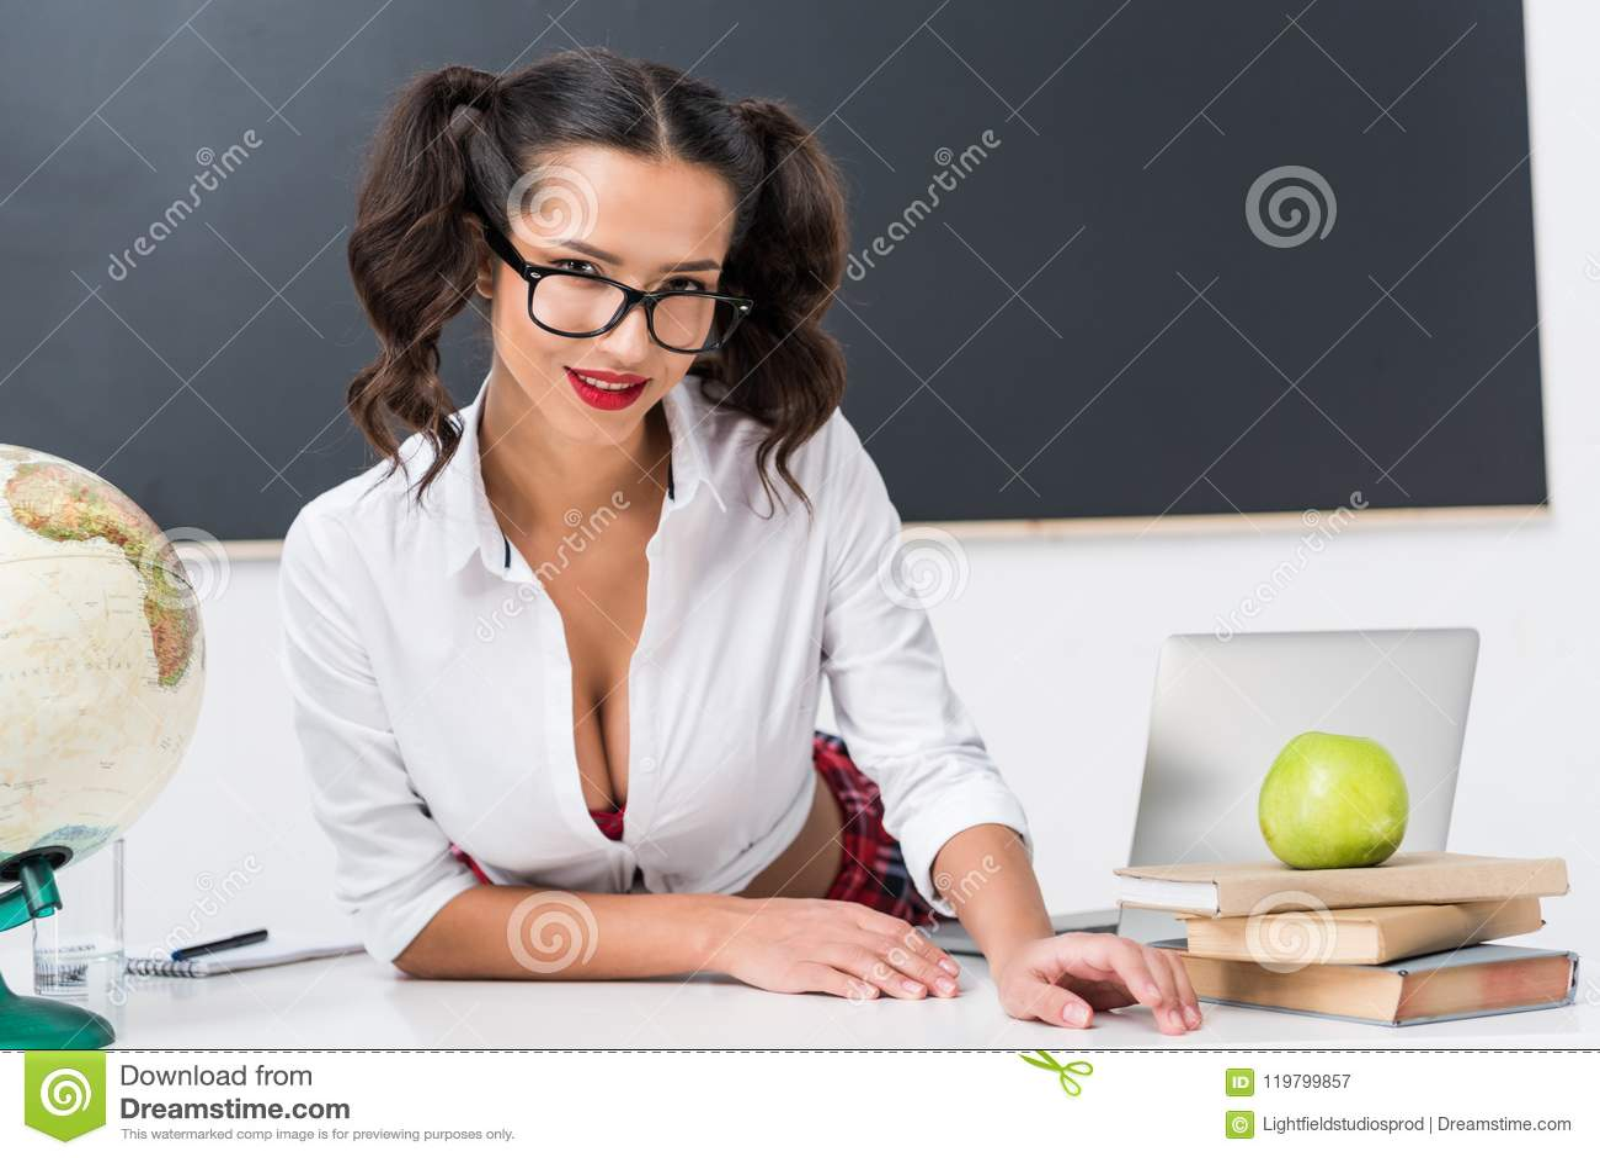 hot xxx teacher